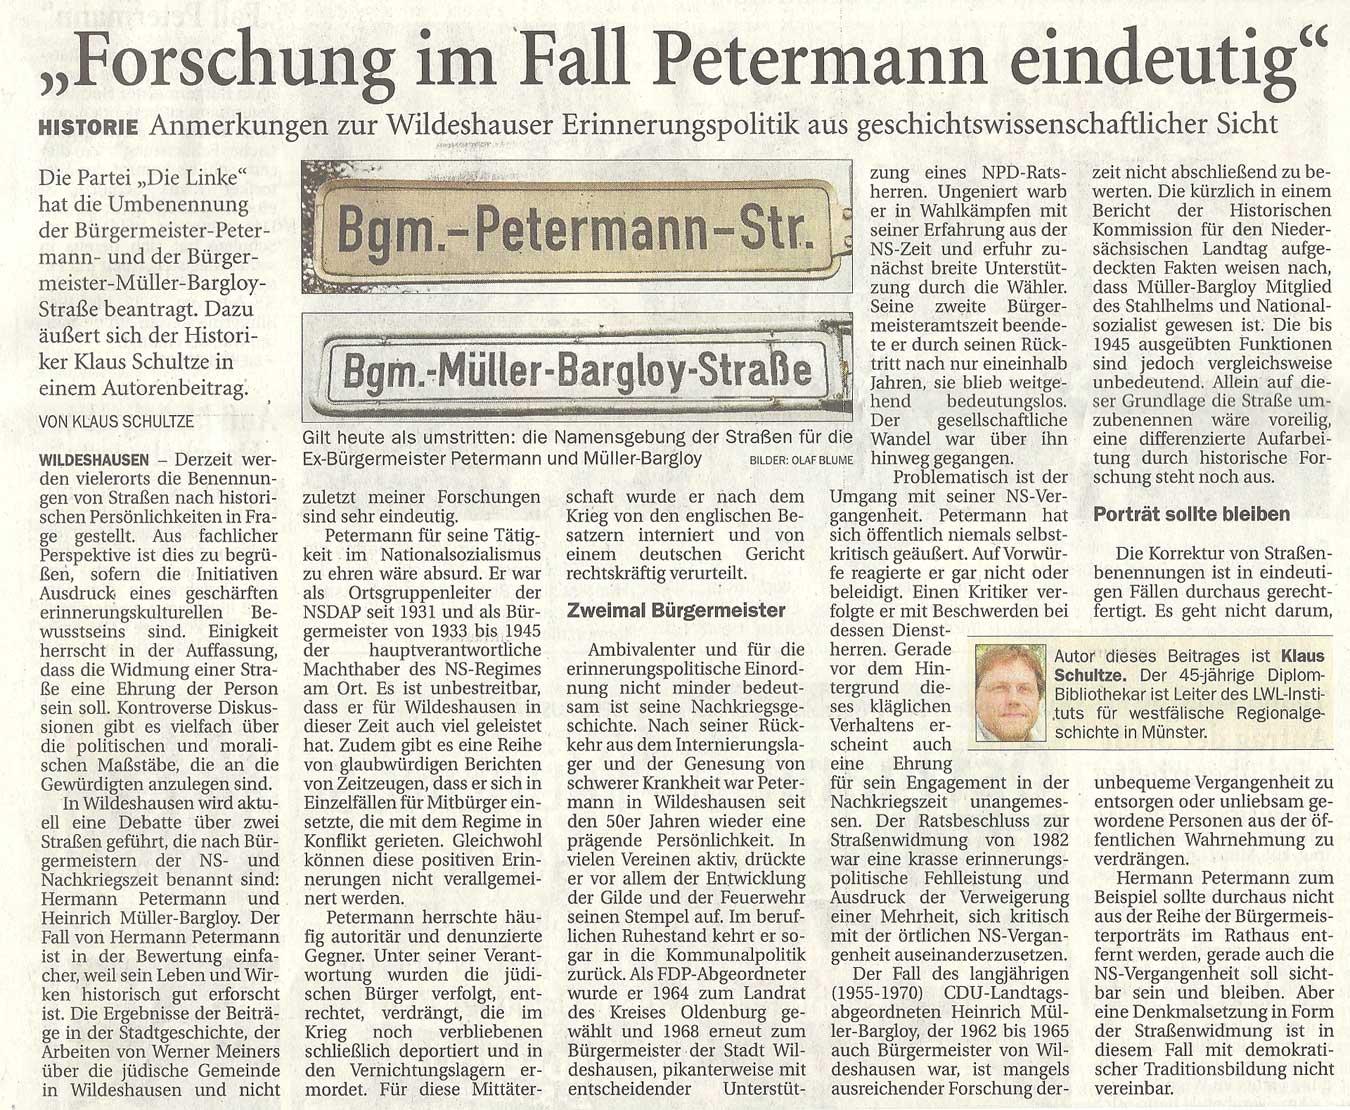 'Forschung im Fall Petermann eindeutig'Historie: Anmerkungen zur Wildeshauser Erinnerungspolitik aus geschichtswissenschaftlicher SichtArtikel vom 21.01.2012 (NWZ)